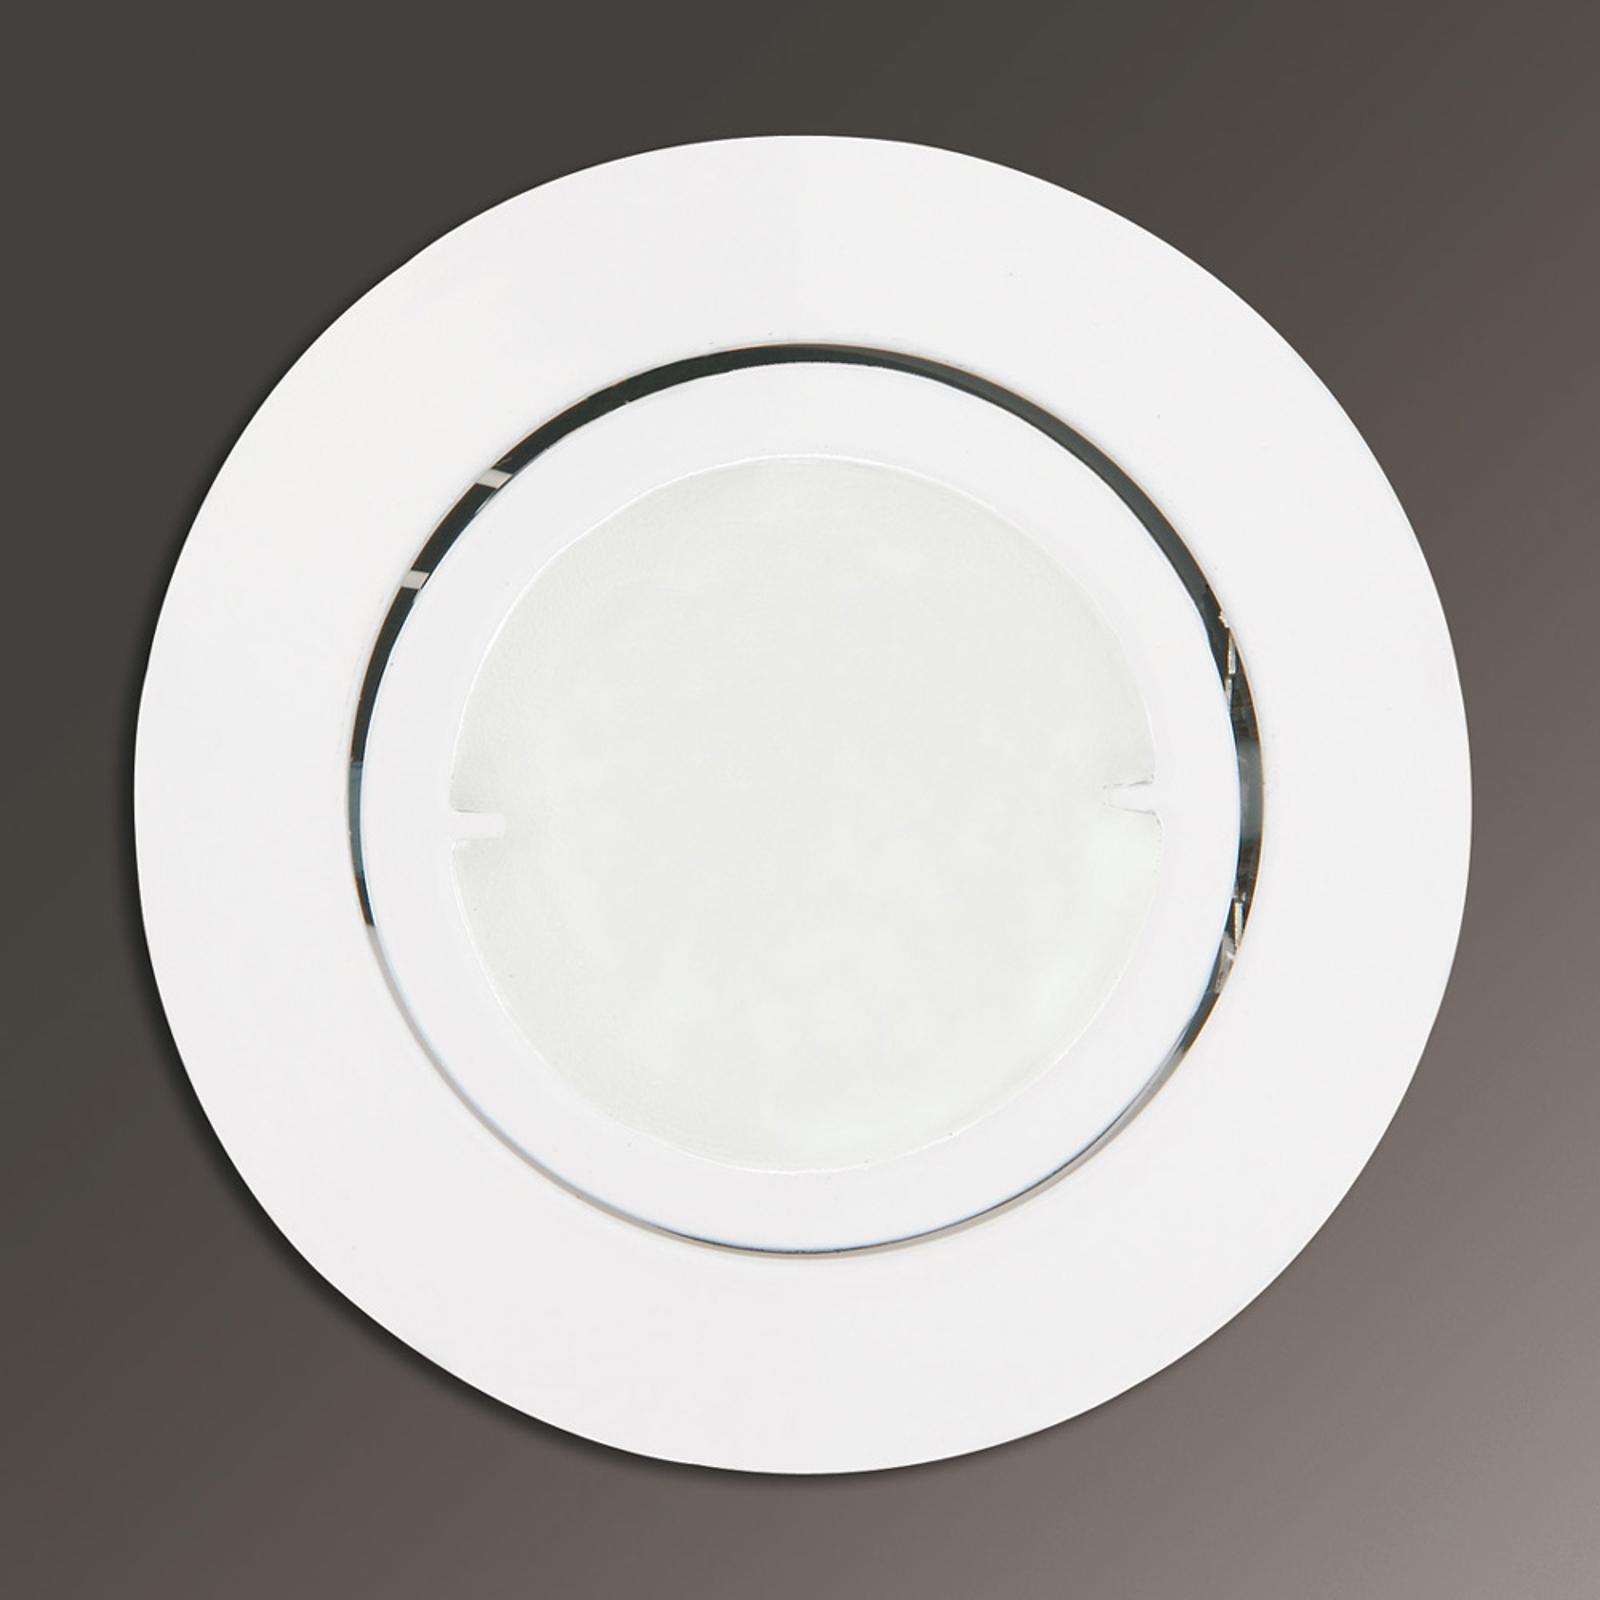 Joanie - LED-innbyggingslampe i hvit, rund